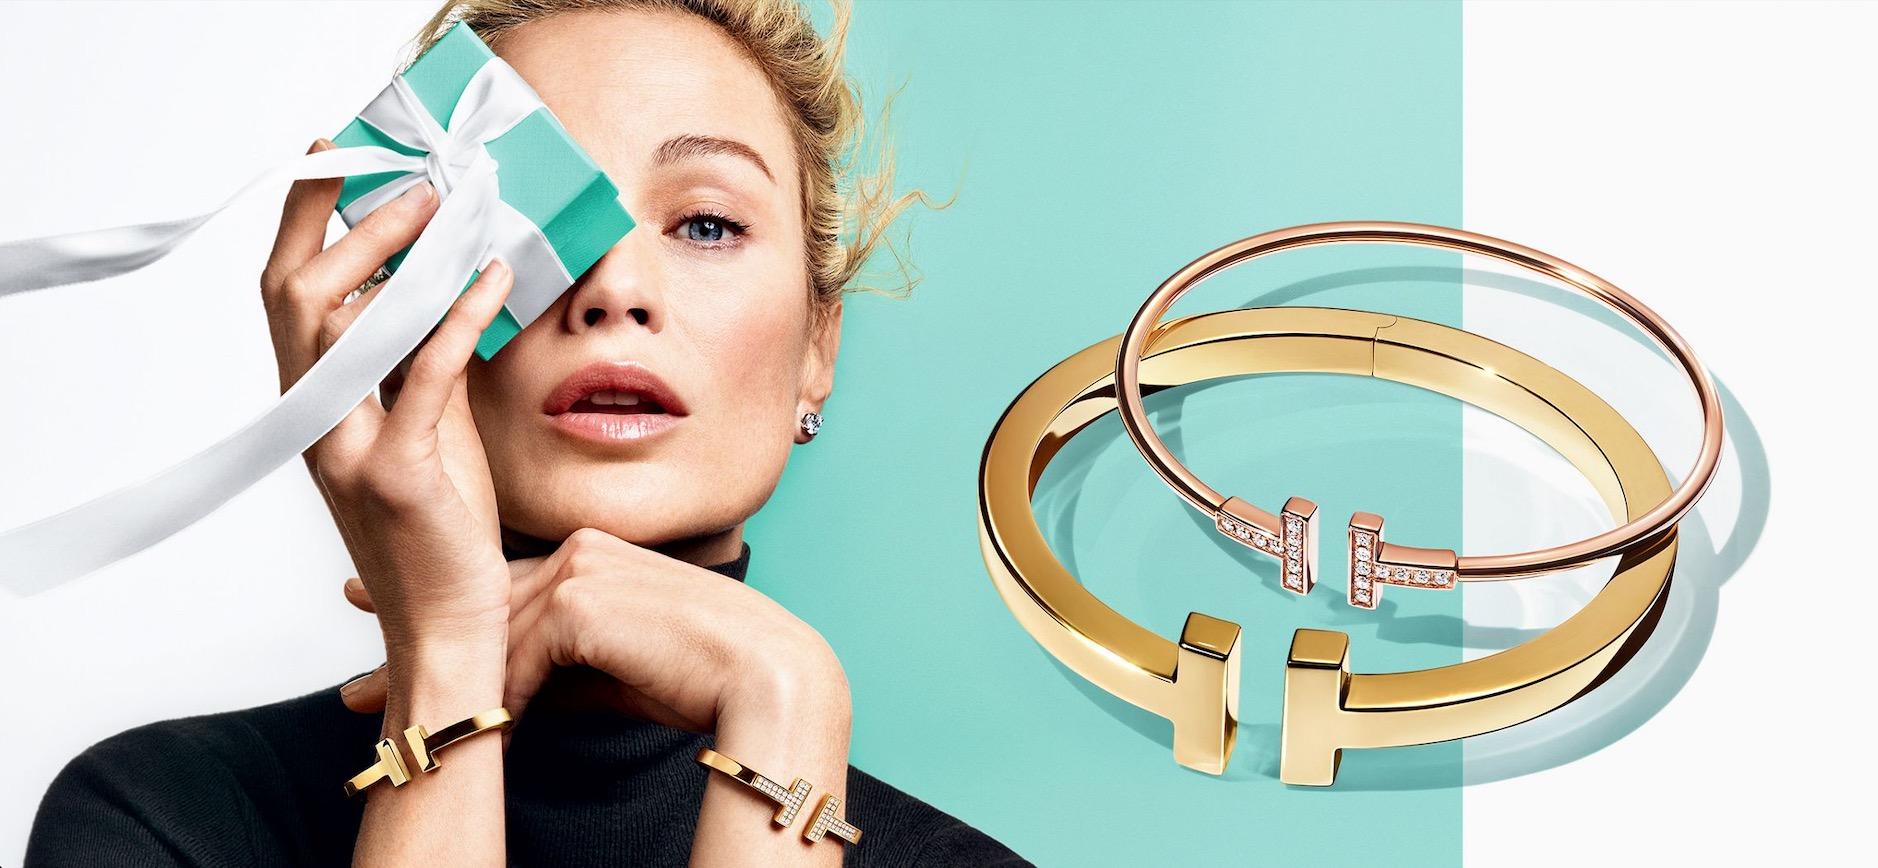 瑞典美妆集团 Oriflame 欧瑞莲的创始家族增持股份,欲将公司私有化后重新定位